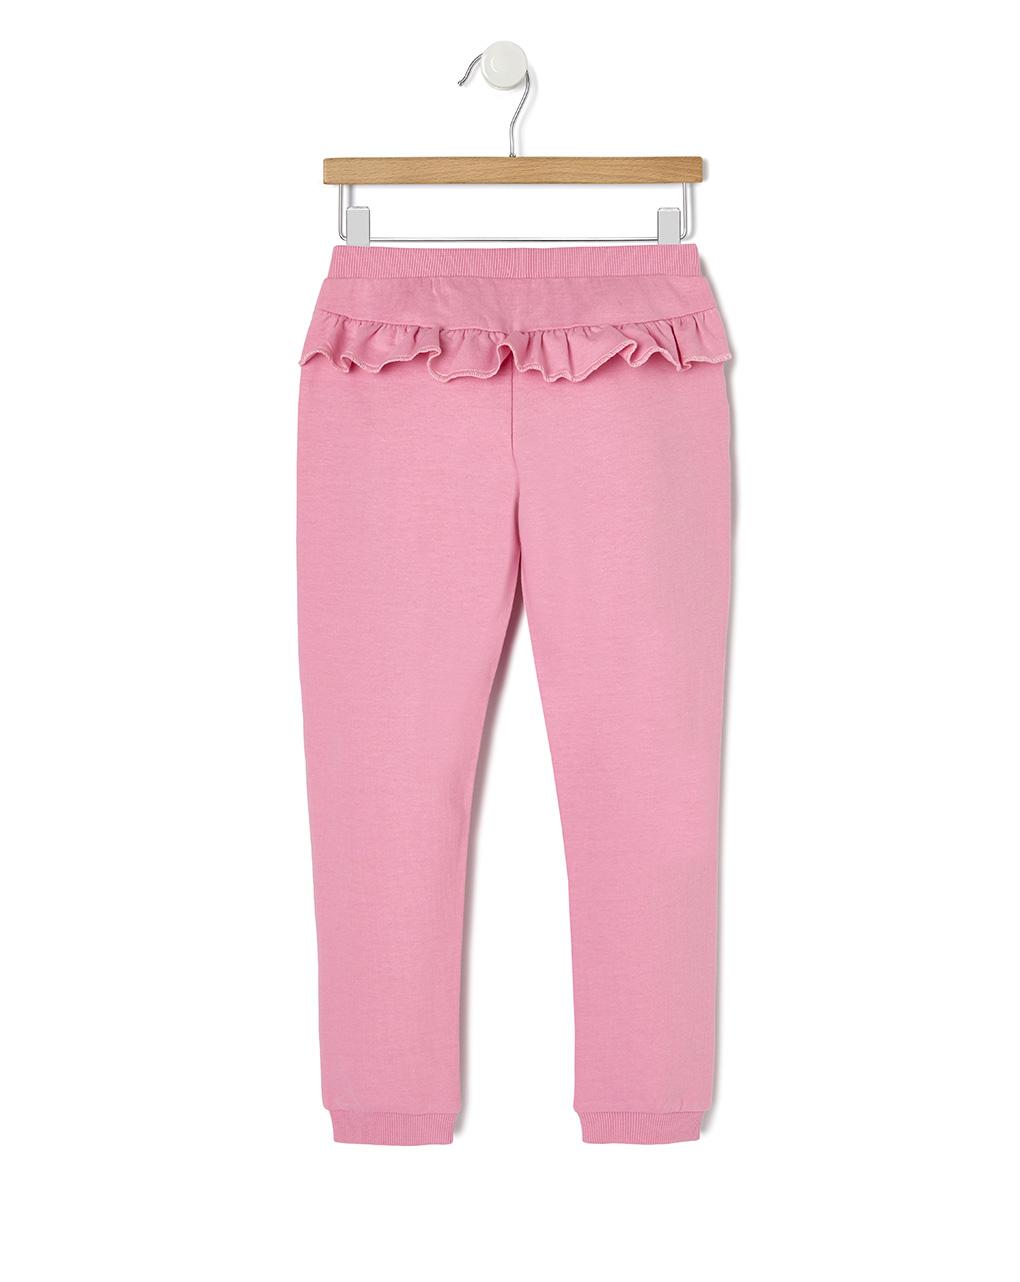 Pantalne in felpa con rouches e stampa glitter - Prénatal